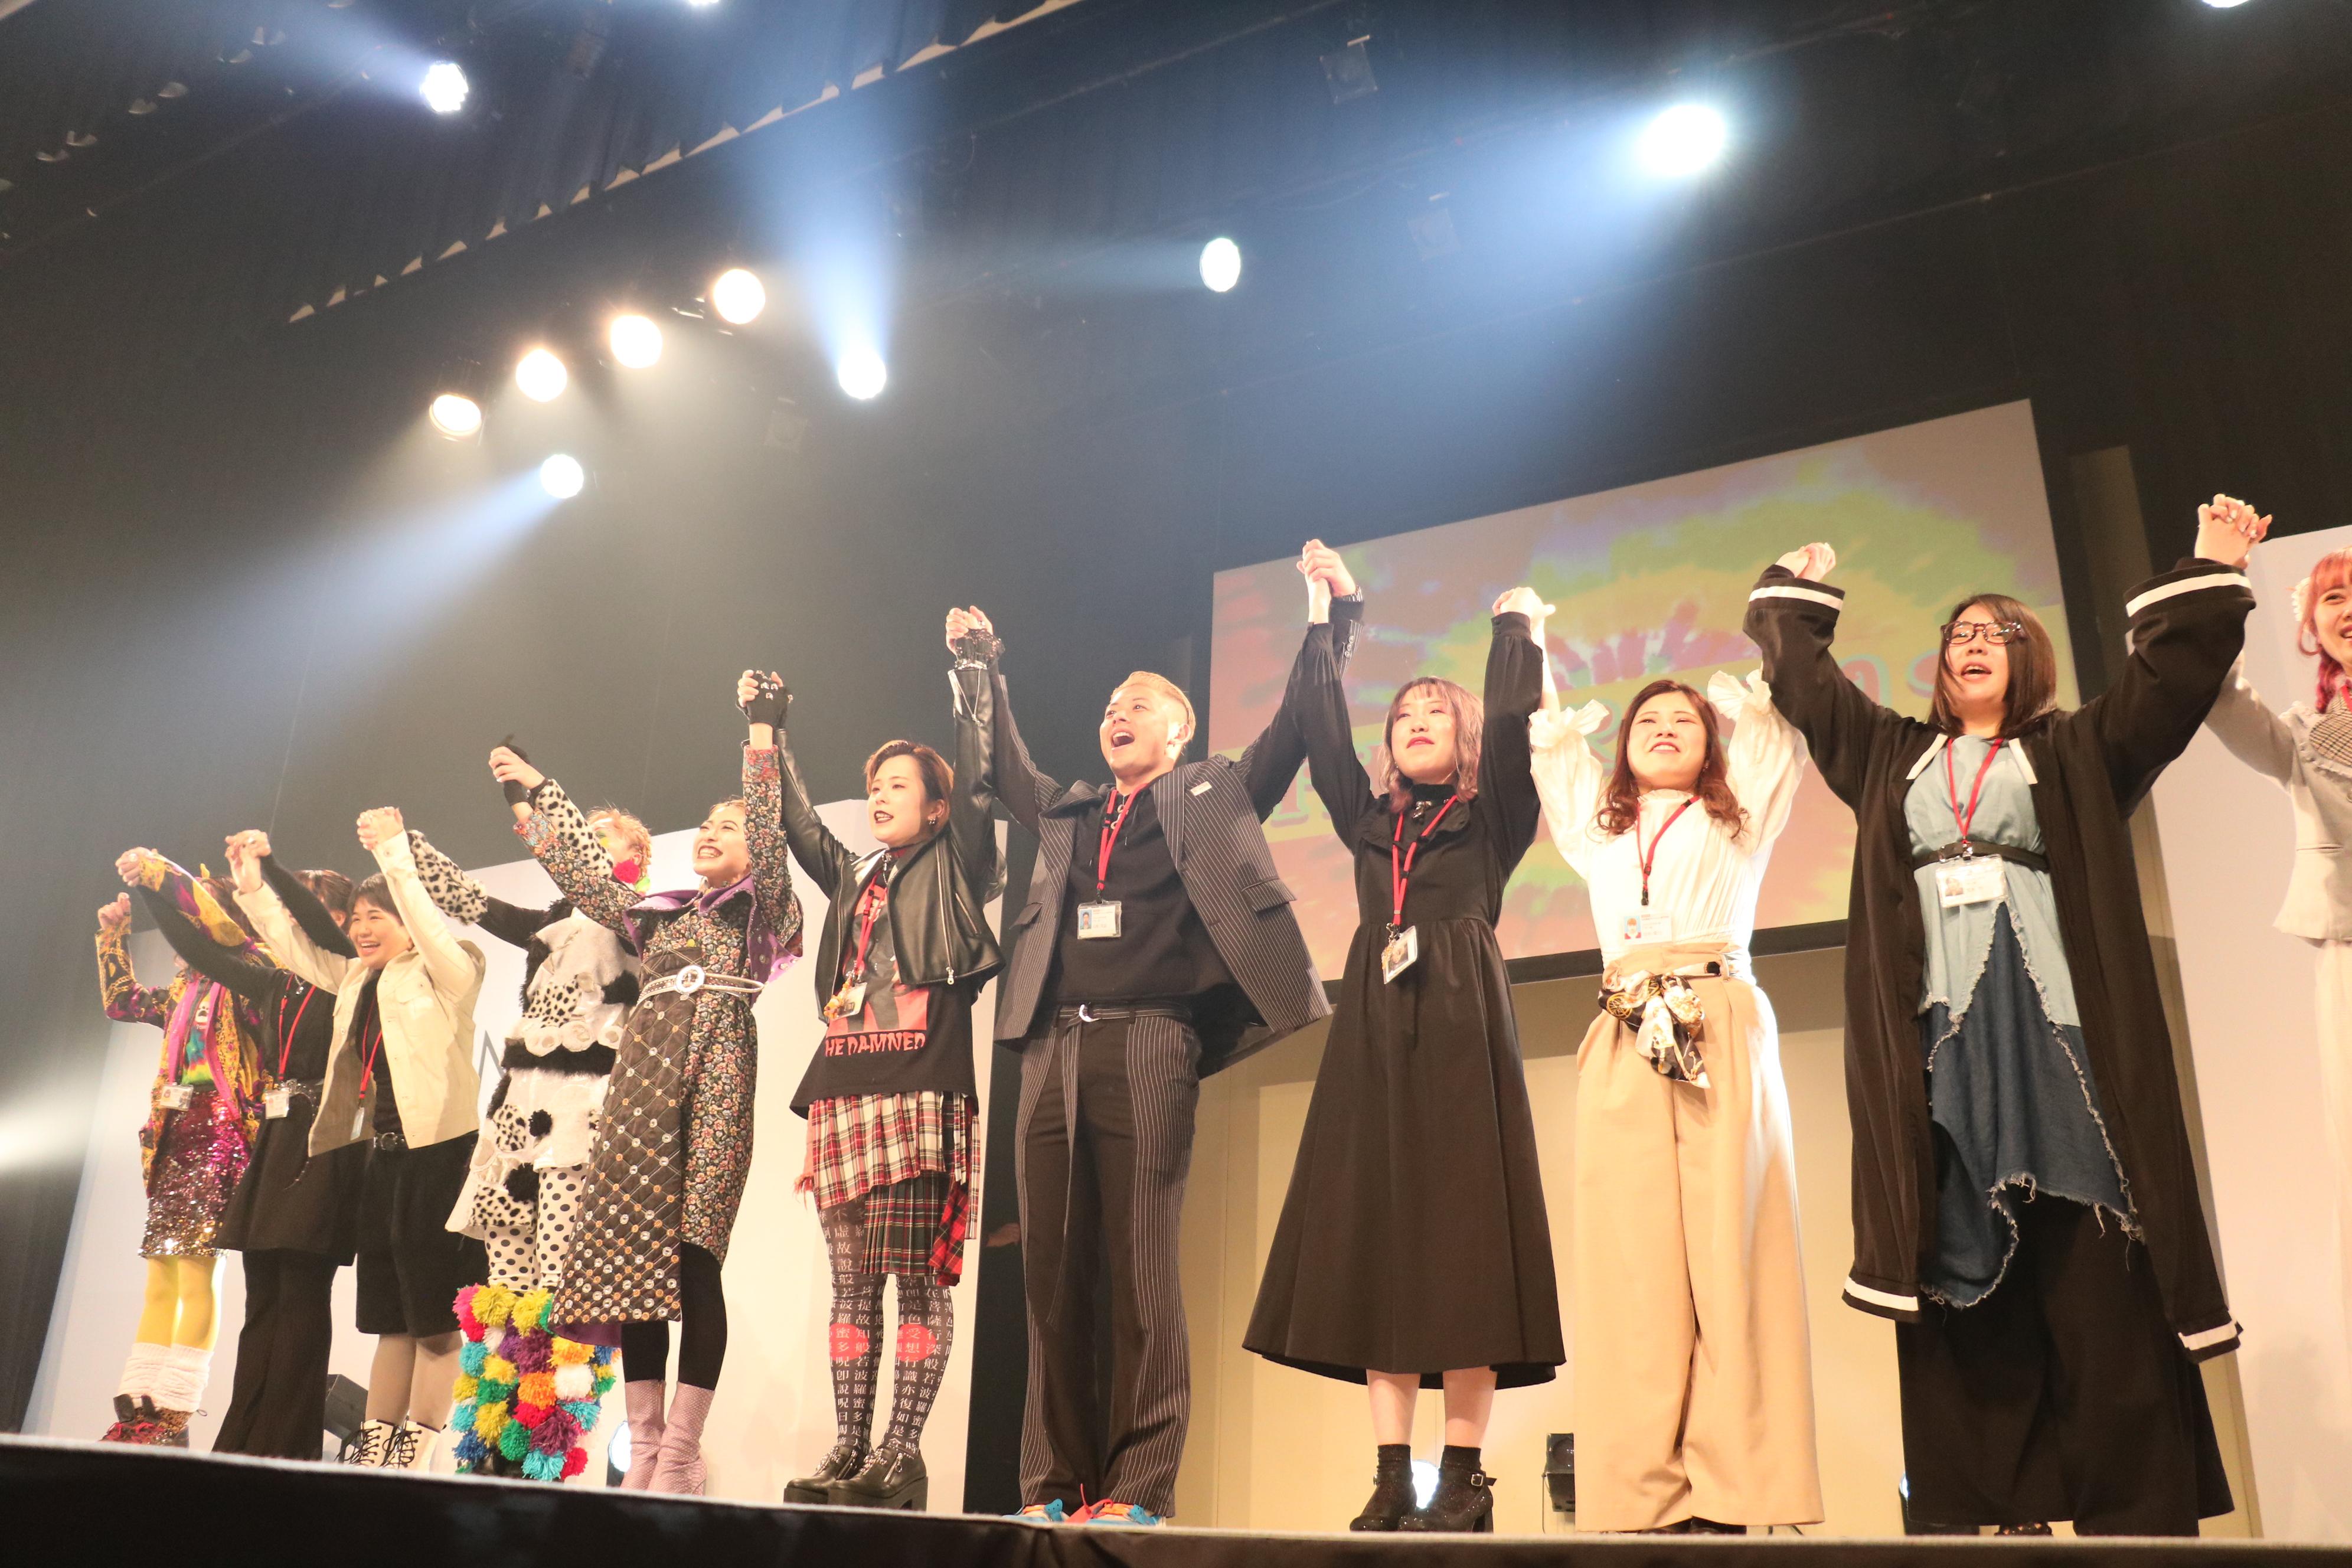 FINALContest2019 ~ファイナルコンテスト開催報告~